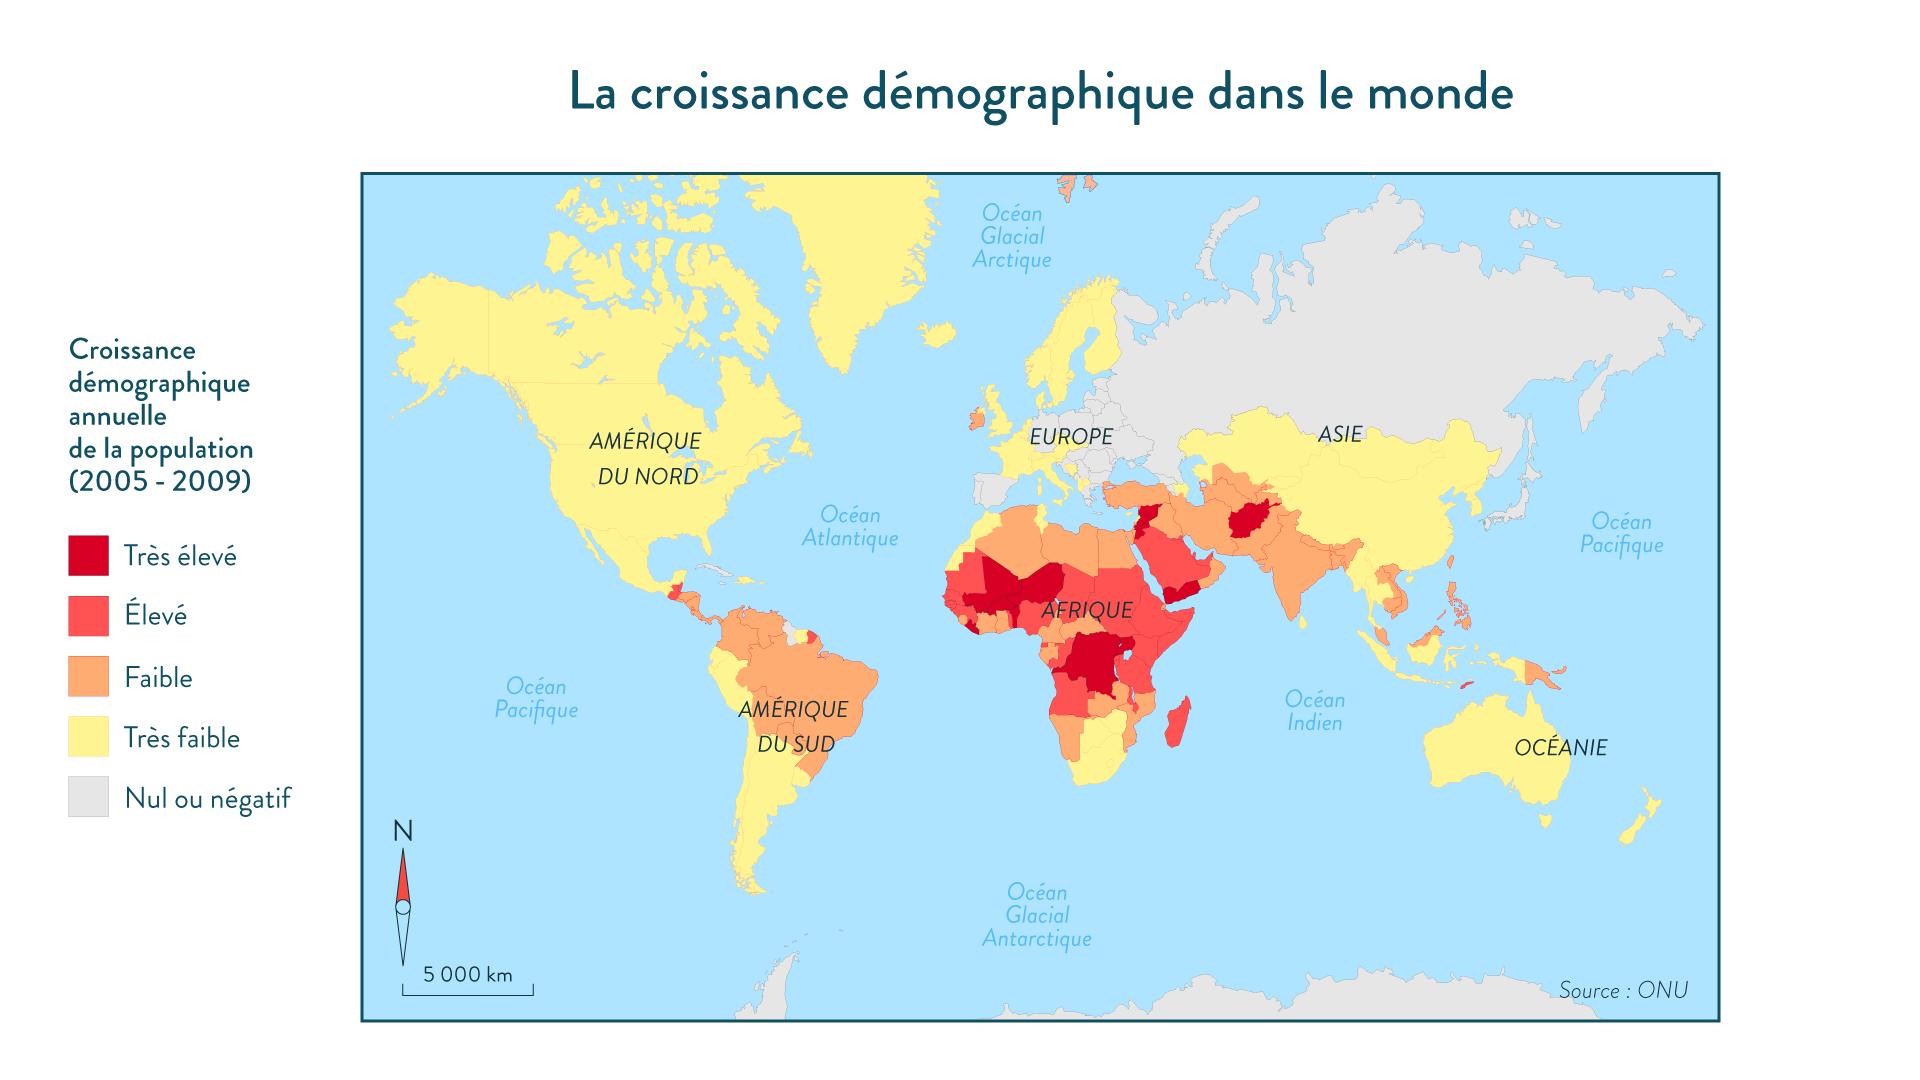 La croissance démographique dans le monde